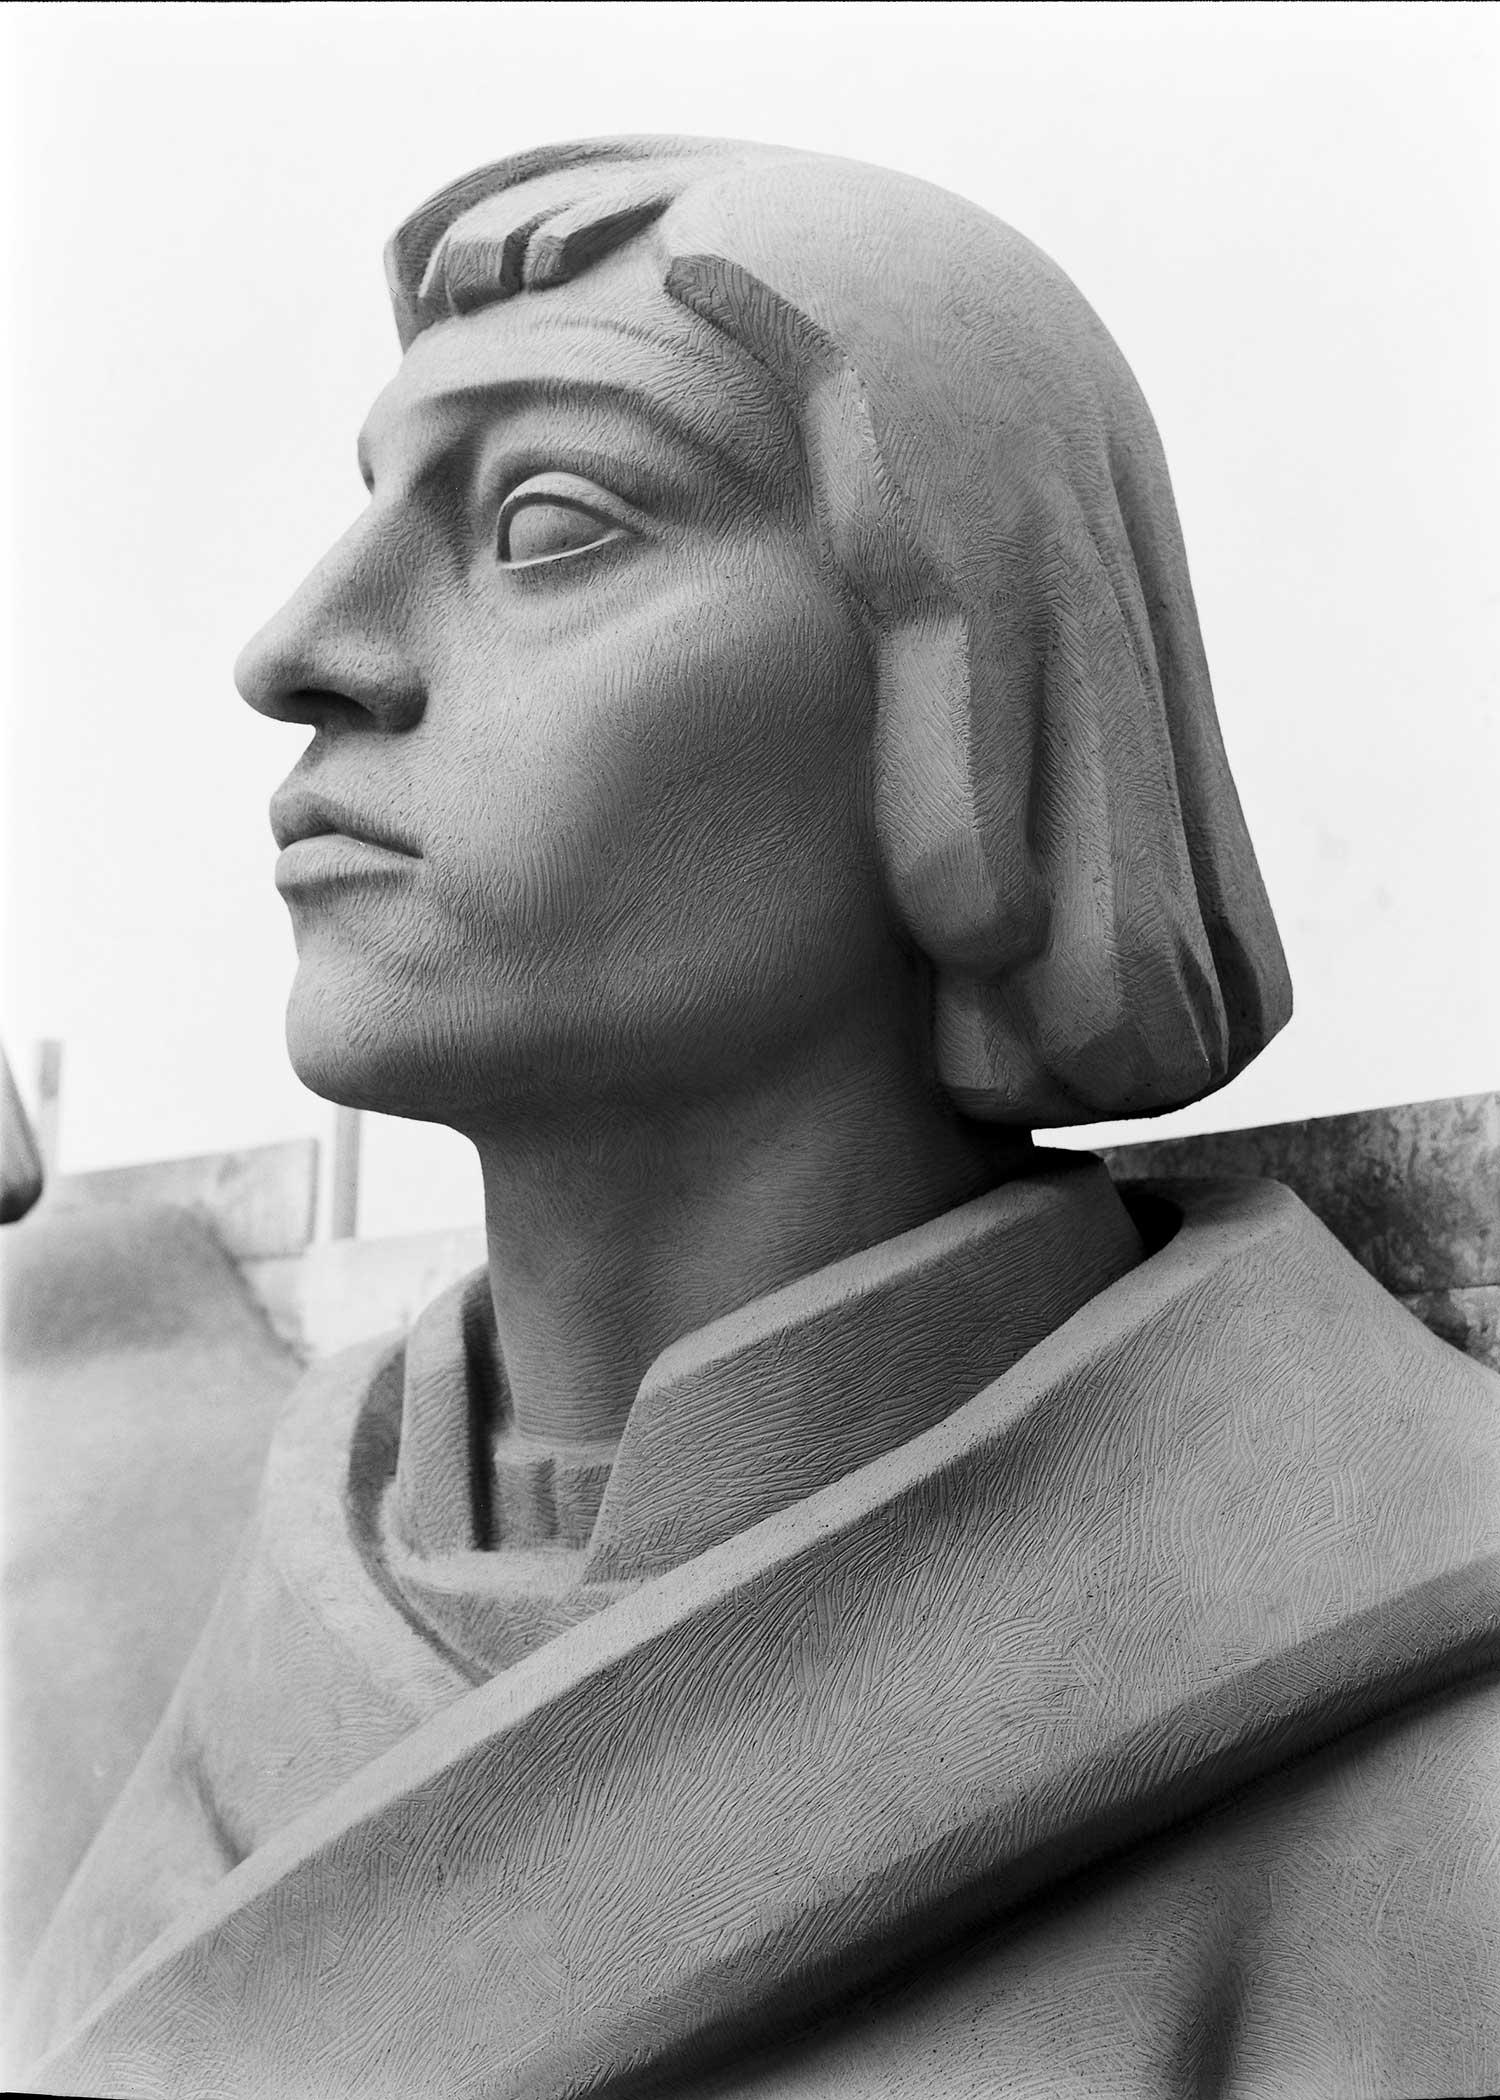 BUILDING THE MONUMENT TO THE DISCOVERIES  Photo: Horácio Novais, ca. 1938-1939, Lisbon  Biblioteca de Arte da Fundação Calouste Gulbenkian [CFT164_102173]